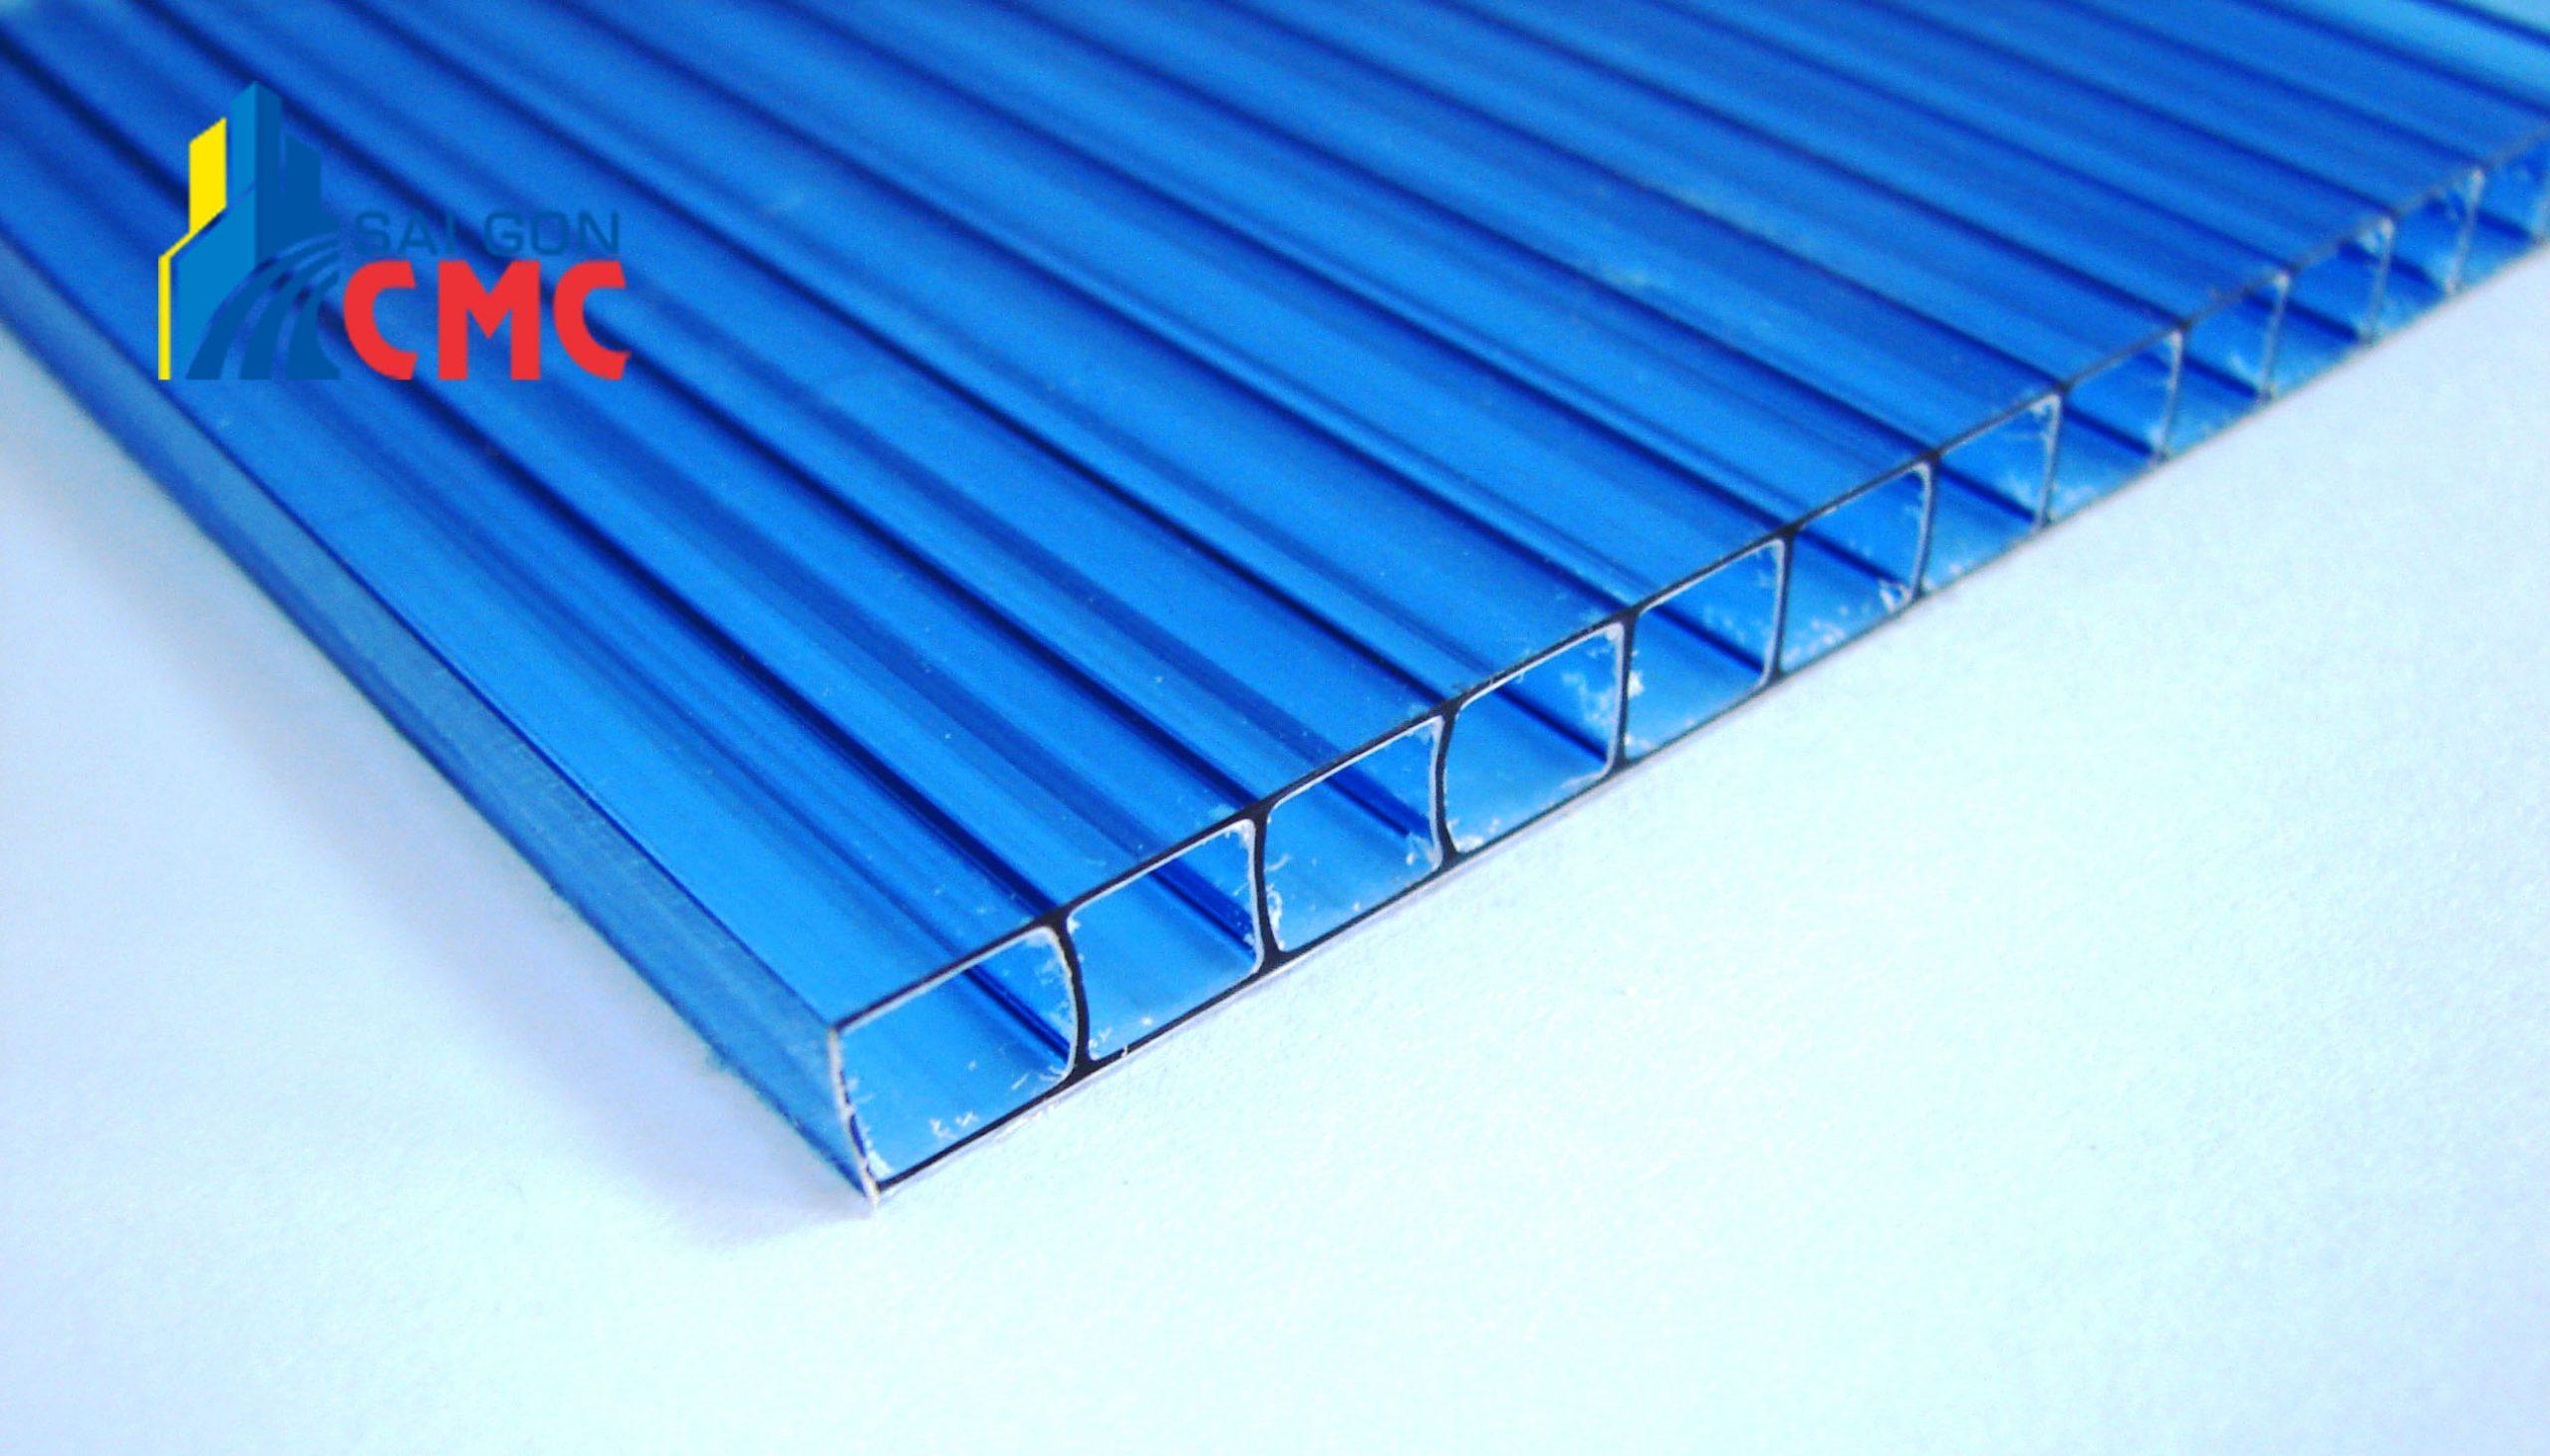 Quy trình cung cấp tôn nhựa không sóng tại vật liệu xây dựng CMC